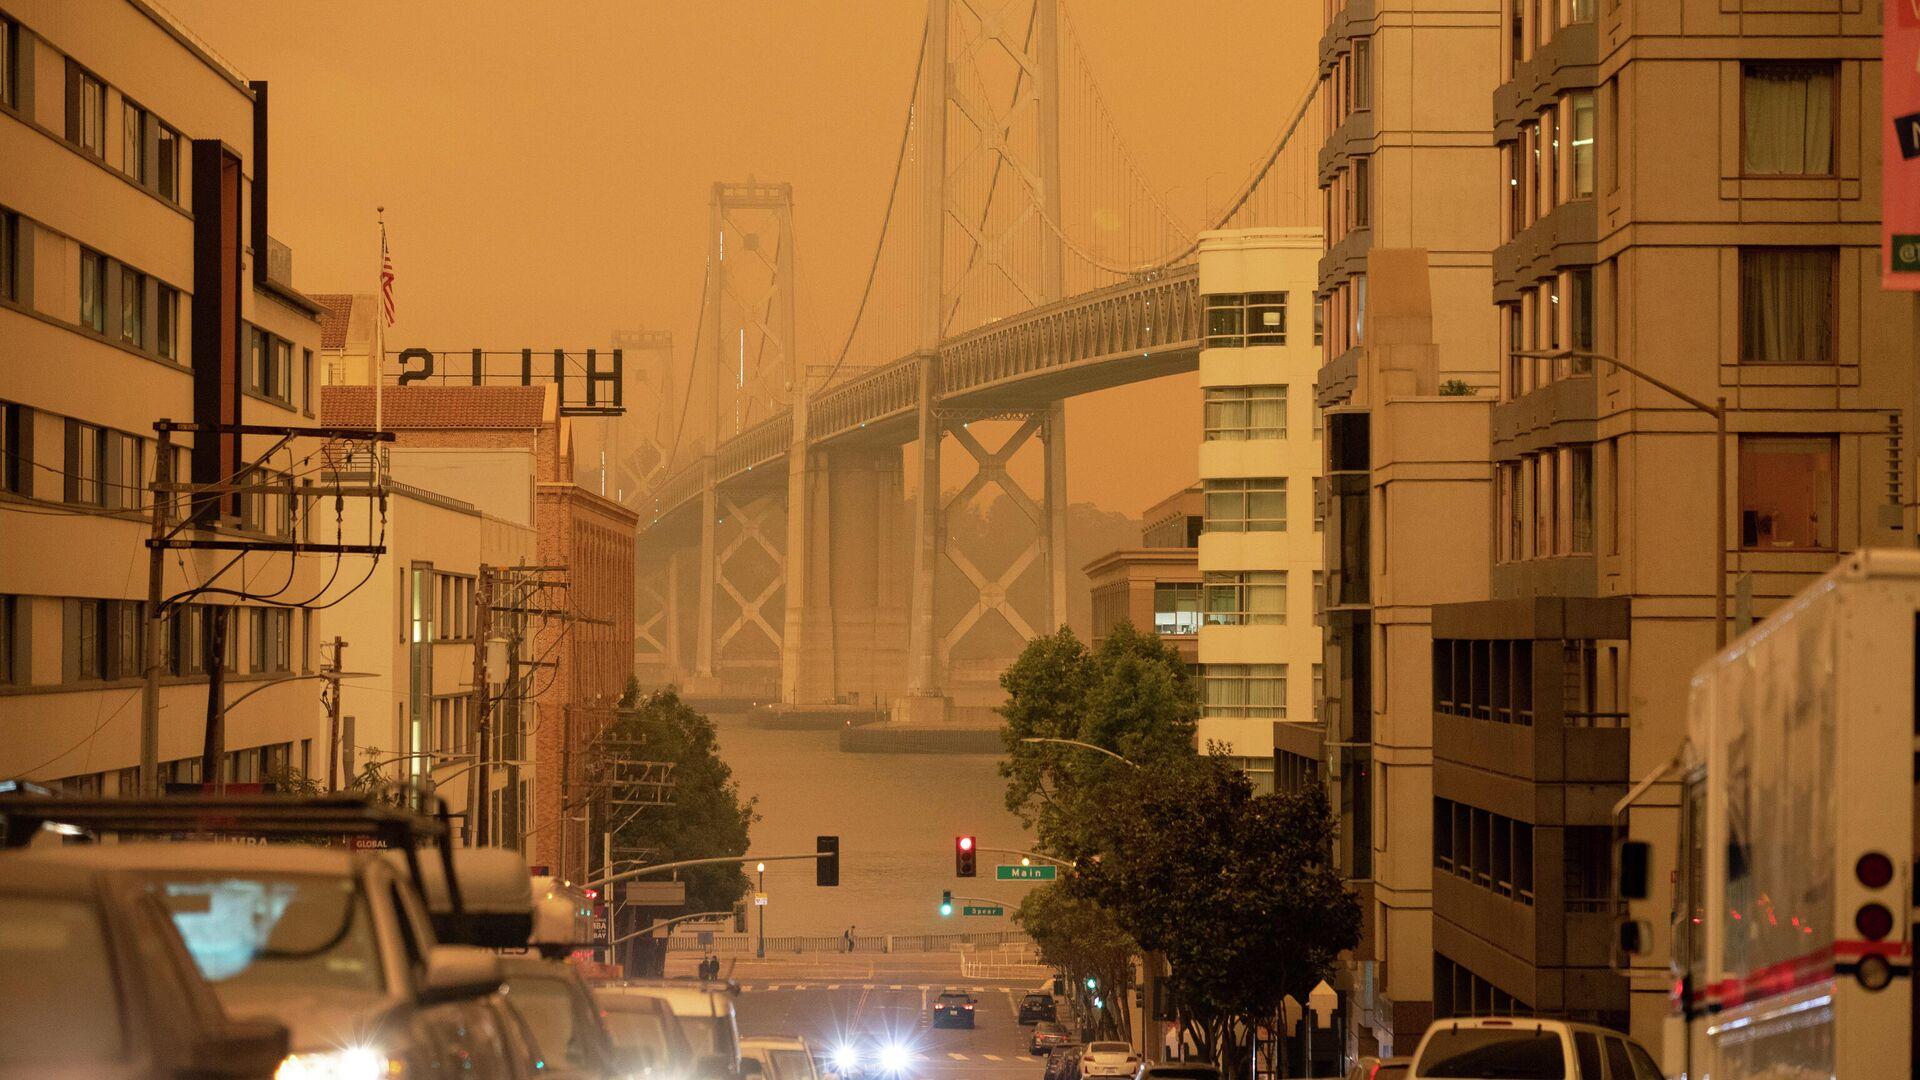 Мост Бэй-Бридж в дыму от калифорнийских лесных пожаров в Сан-Франциско, Калифорния, США - РИА Новости, 1920, 10.09.2020